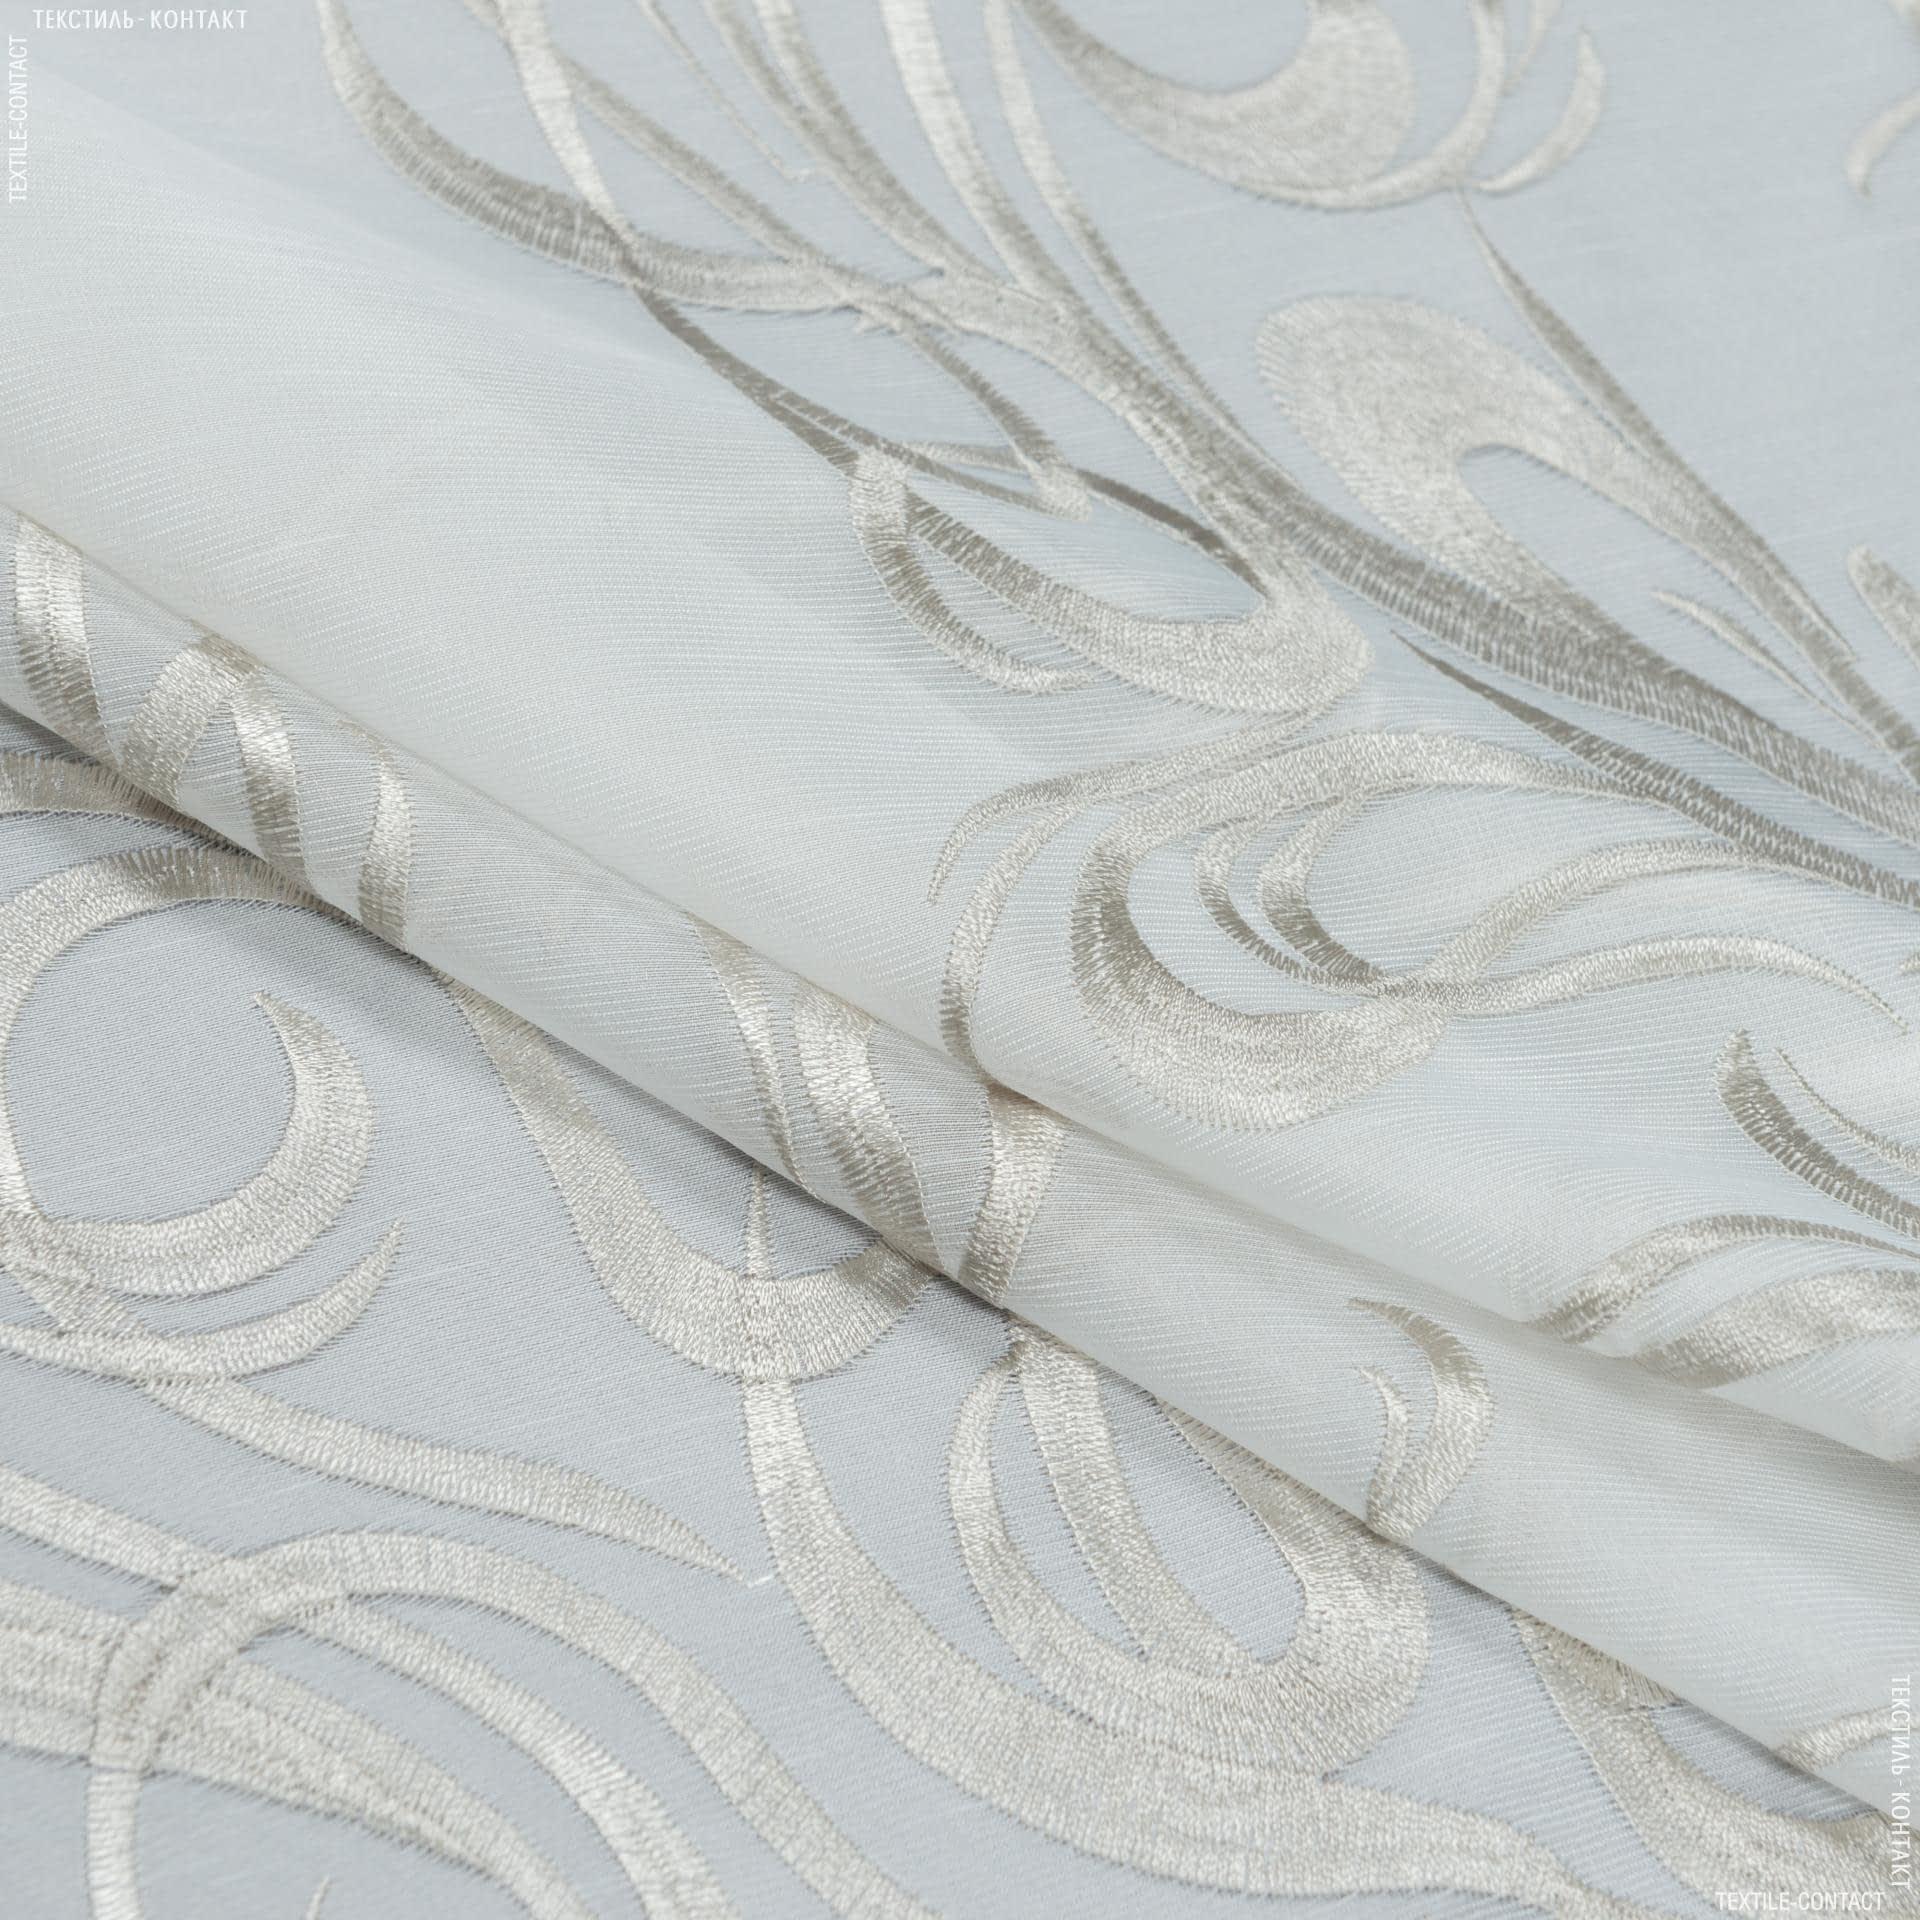 Ткани для тюли - Тюль с утяжелителем агаста молочный  купон/  вышивка  серый